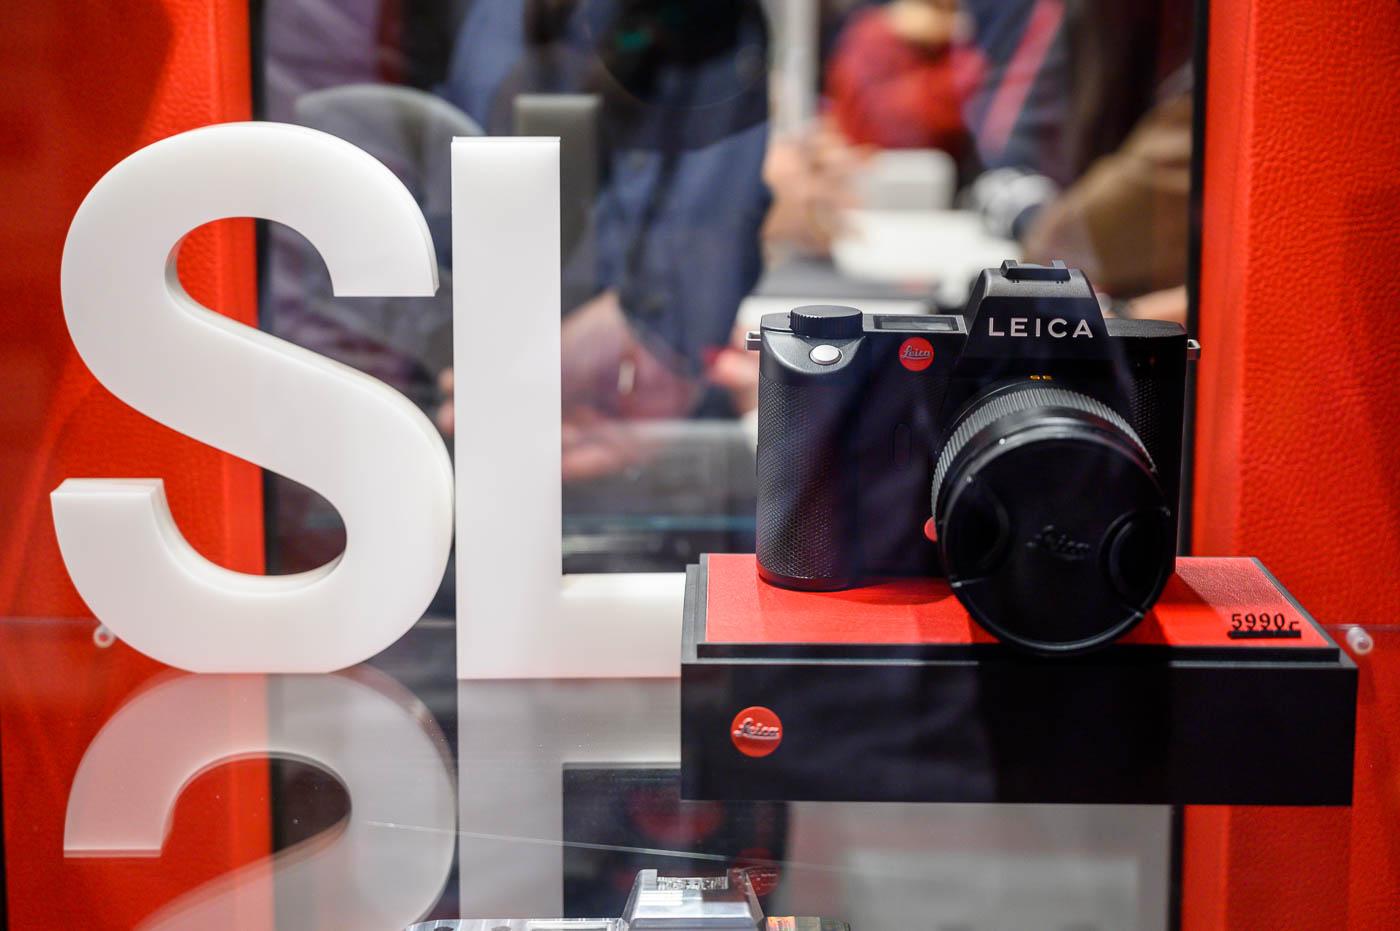 Leica SL2 : l'hybride plein format fait peau neuve et intègre un capteur stabilisé de 47 Mpx